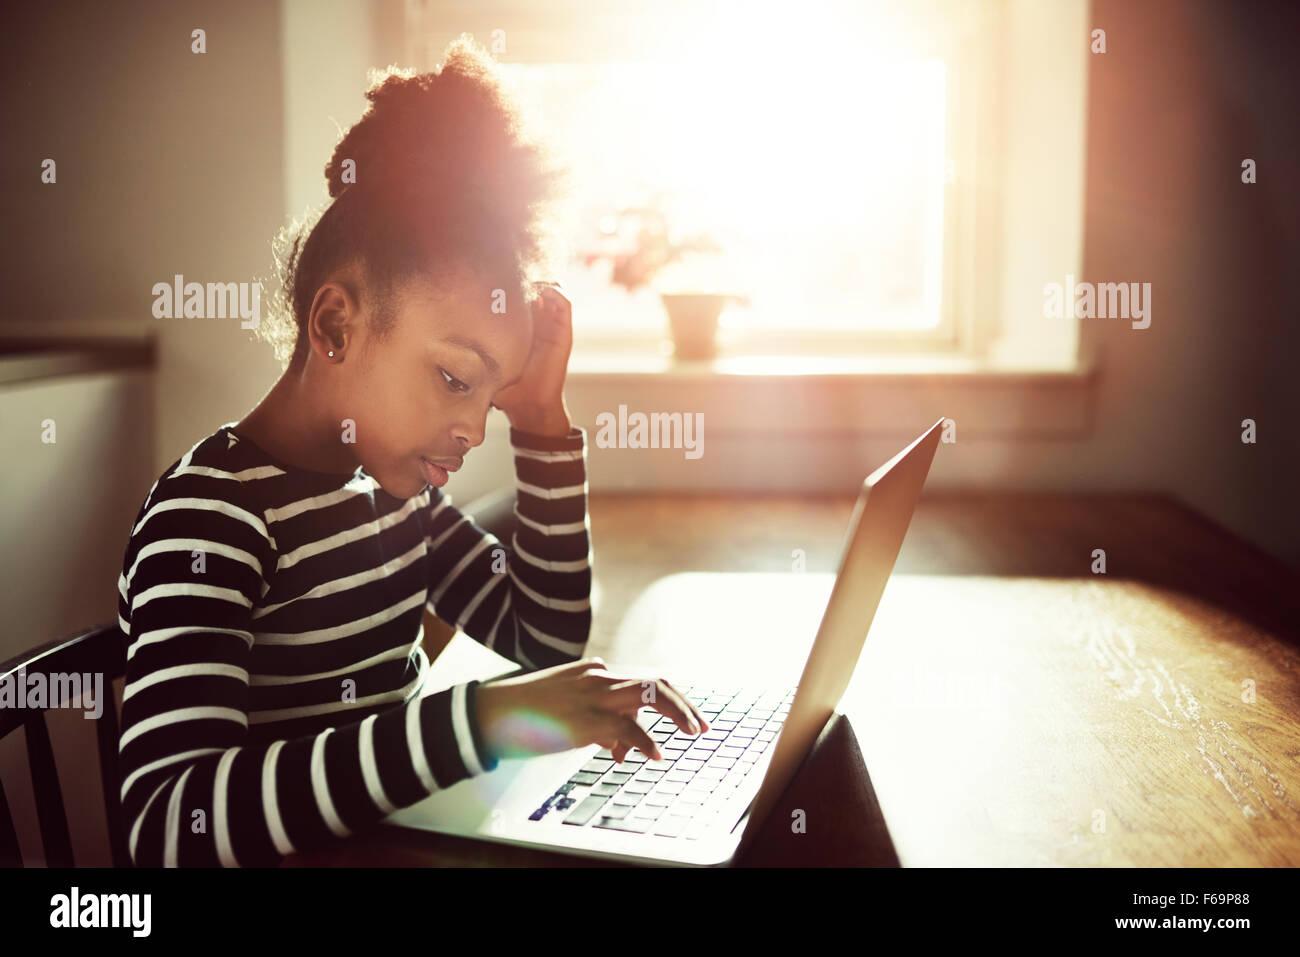 Joven negro niña trabajando en sus deberes en casa escribiendo información en un ordenador portátil, vista lateral contra un sol brillante resplandor Foto de stock